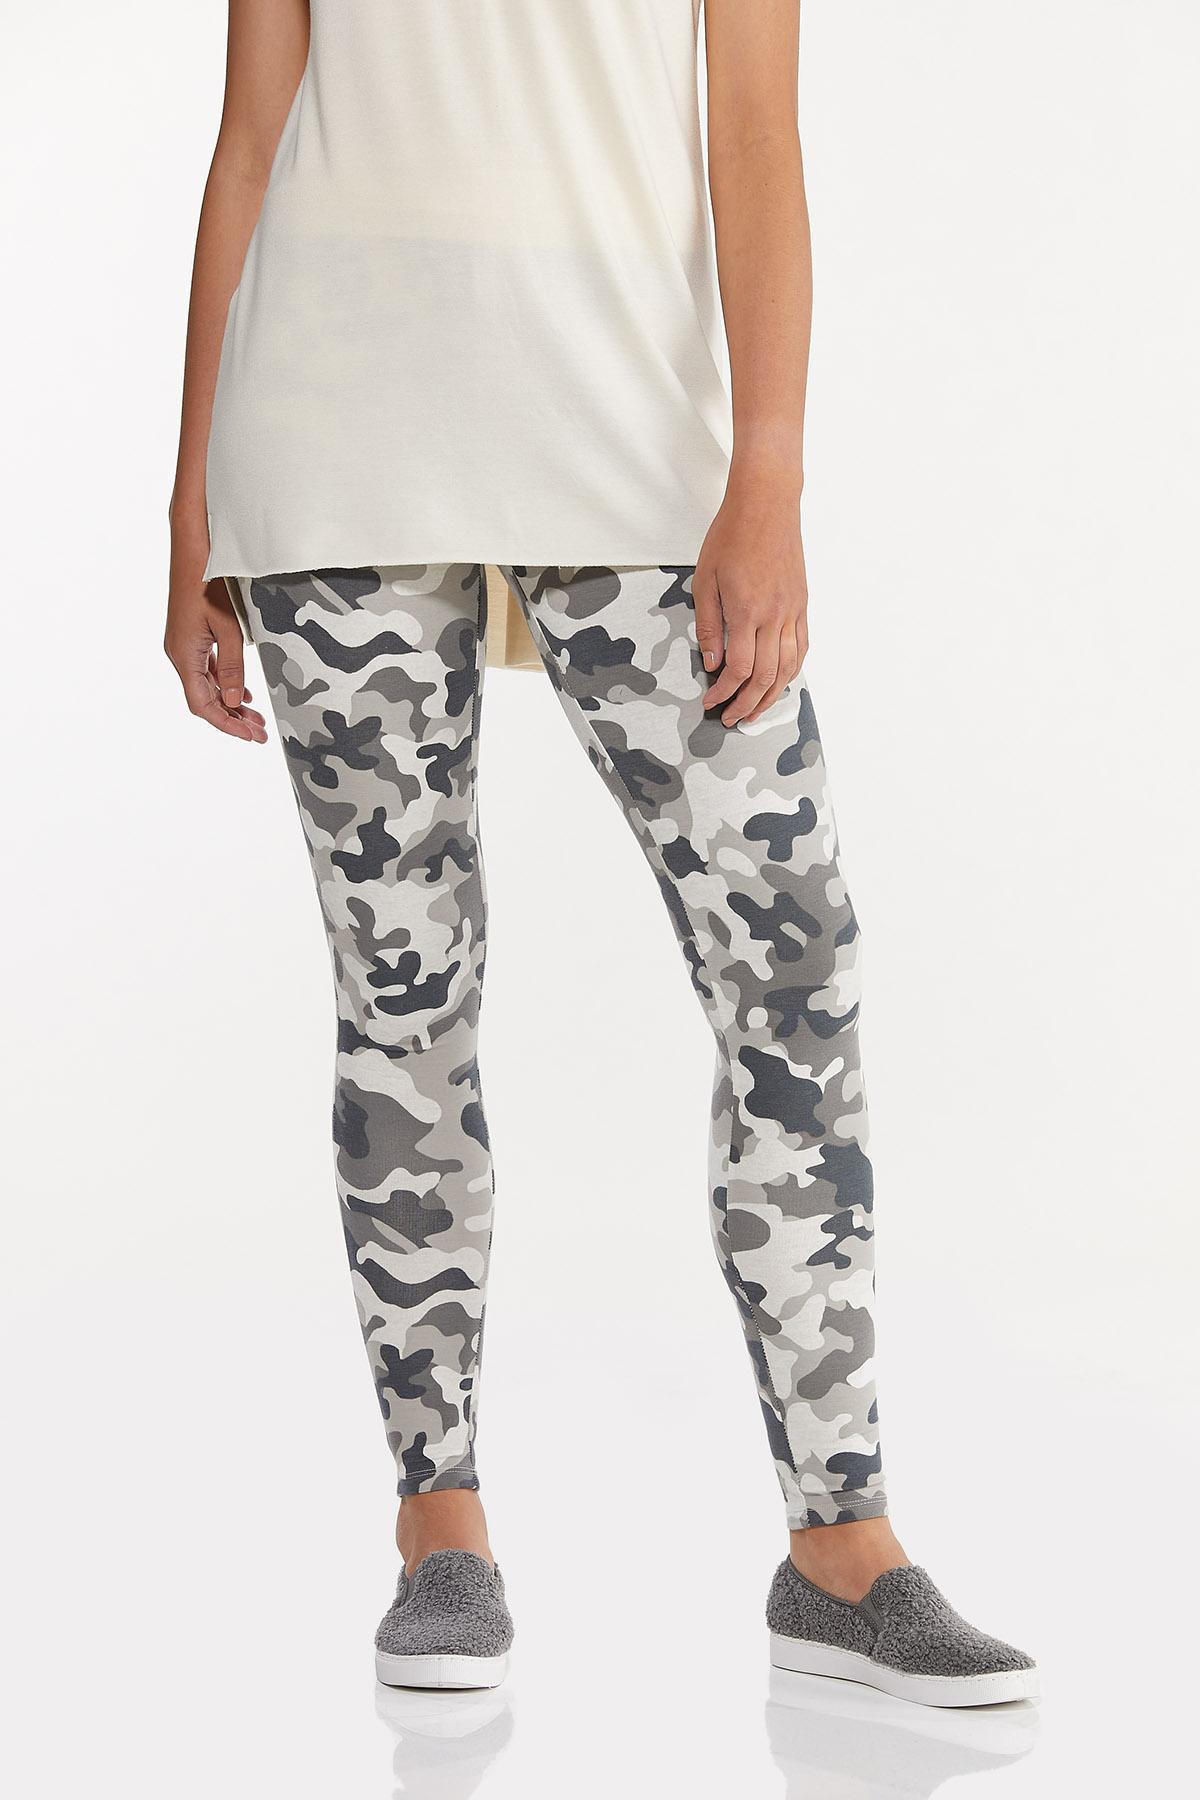 Gray Camo Leggings